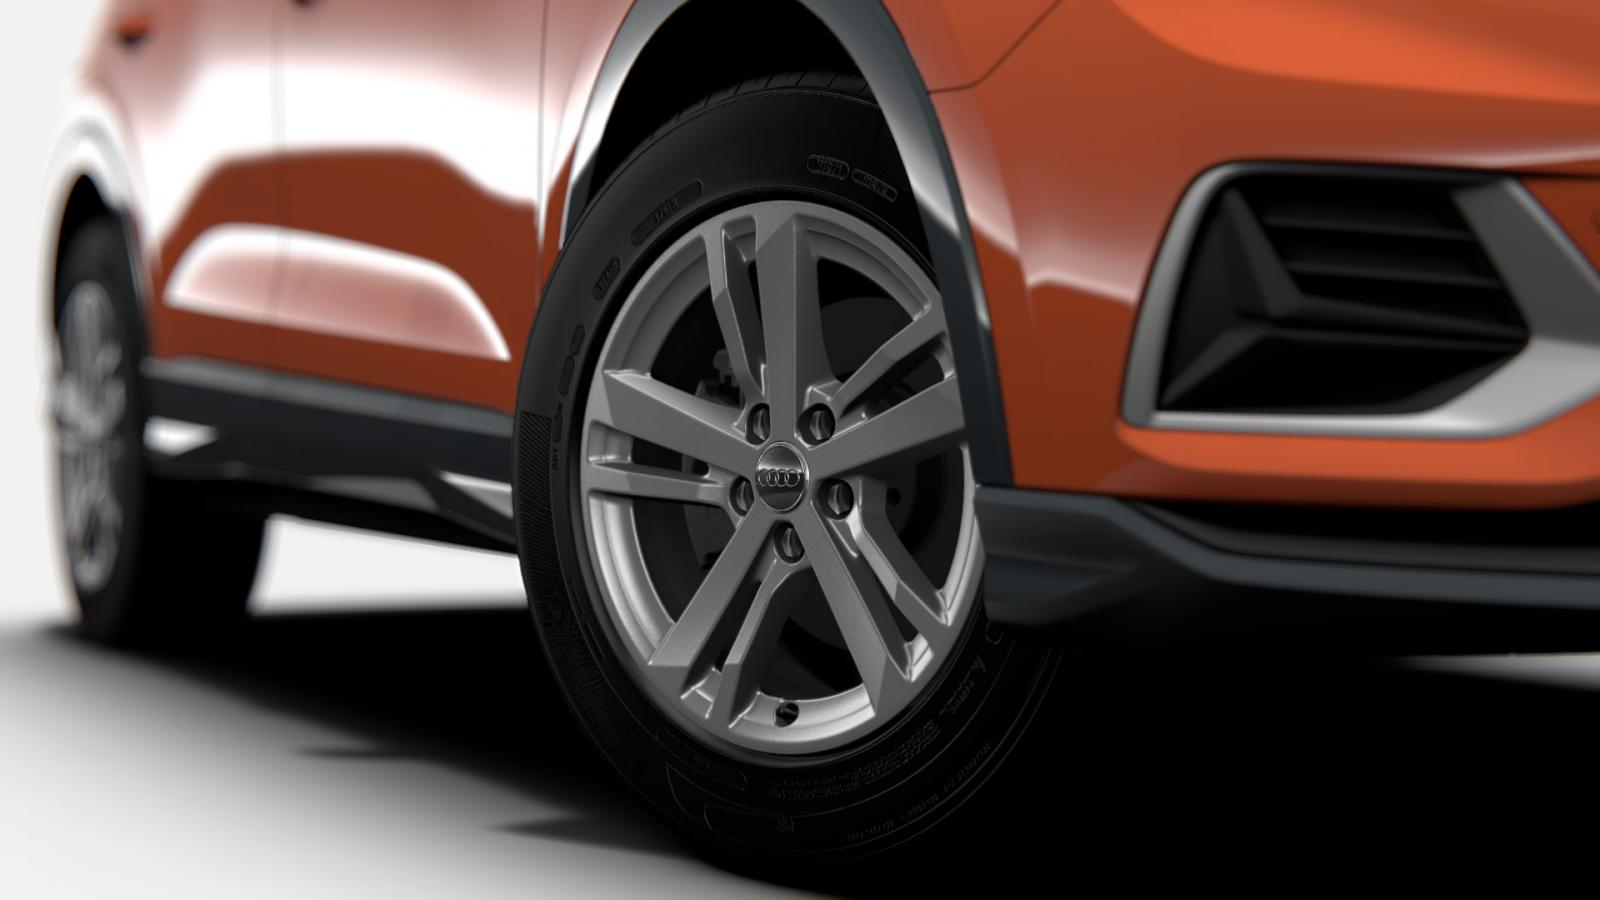 La Audi Q3 precio mexico tiene dos opciones de rines